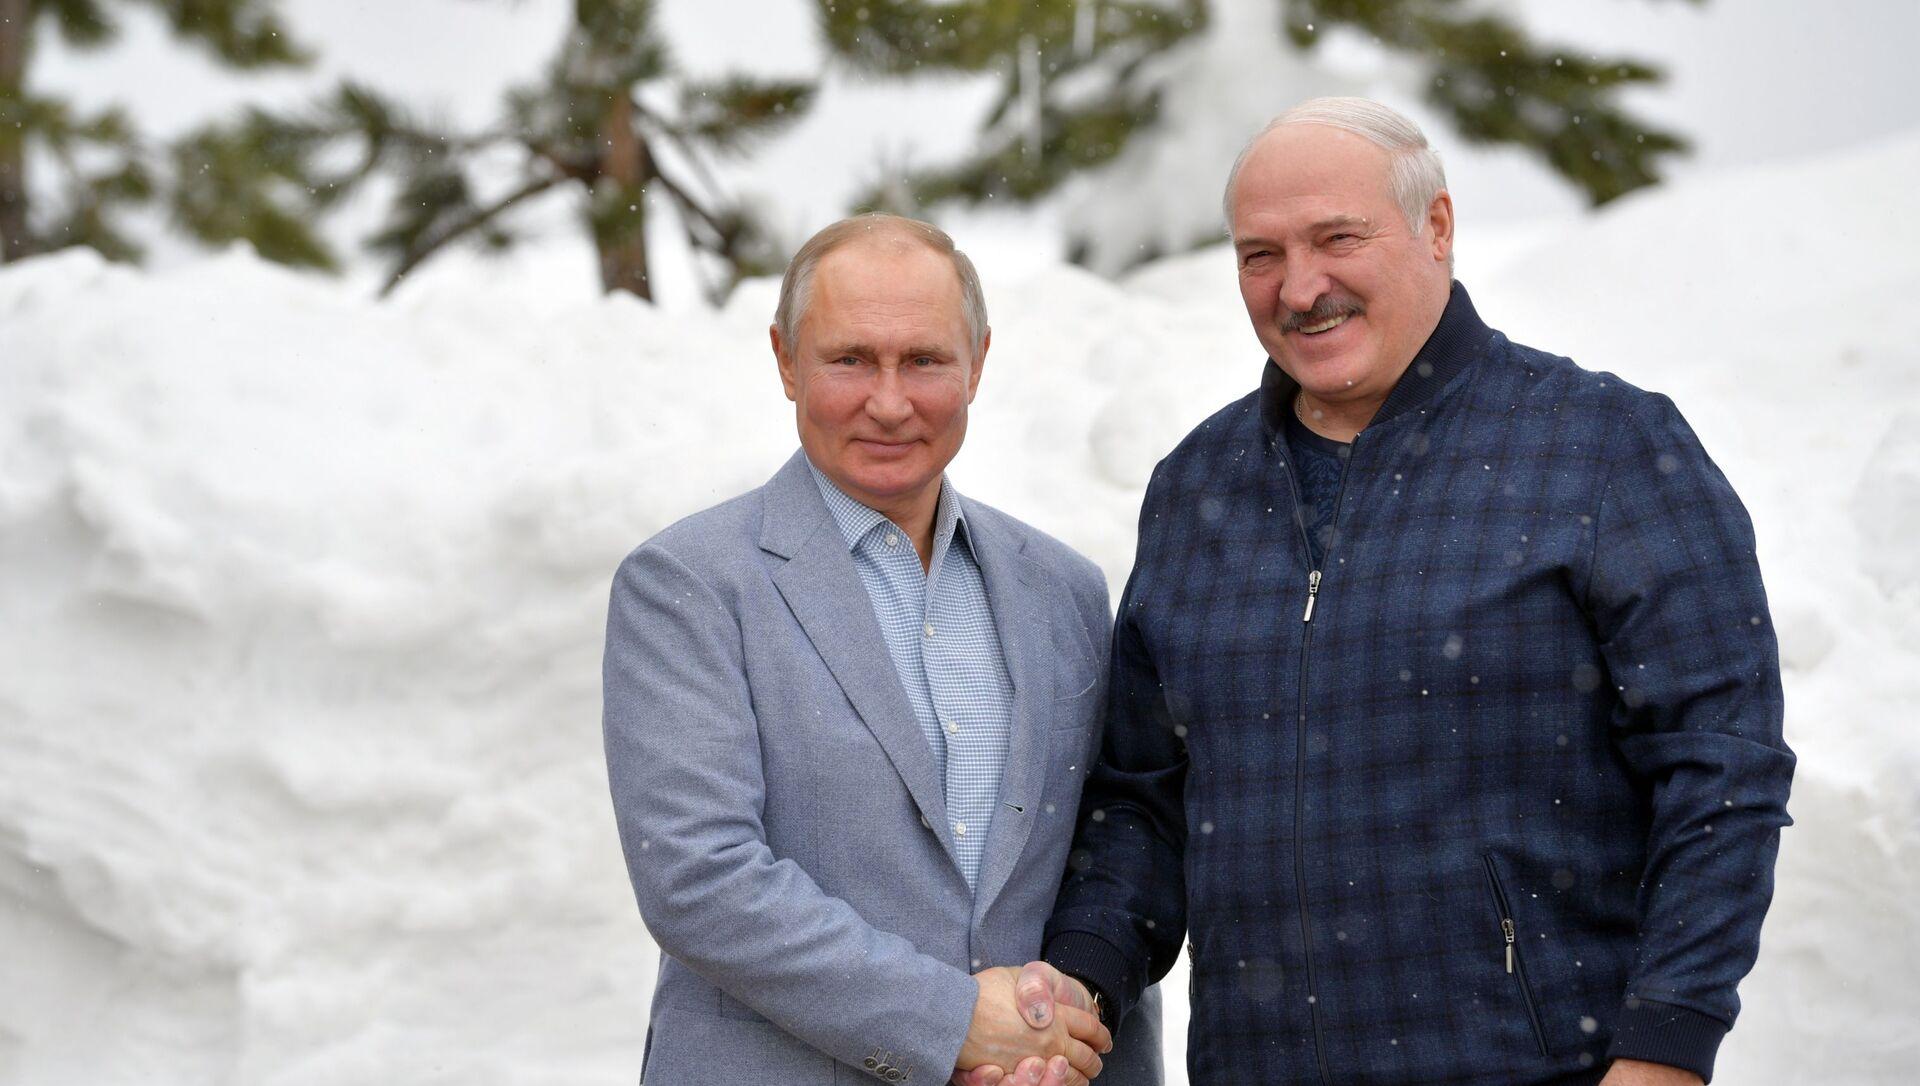 Prezydent Rosji Władimir Putin i prezydent Białorusi Alaksandr Łukaszenka podczas spotkania w Soczi - Sputnik Polska, 1920, 22.02.2021